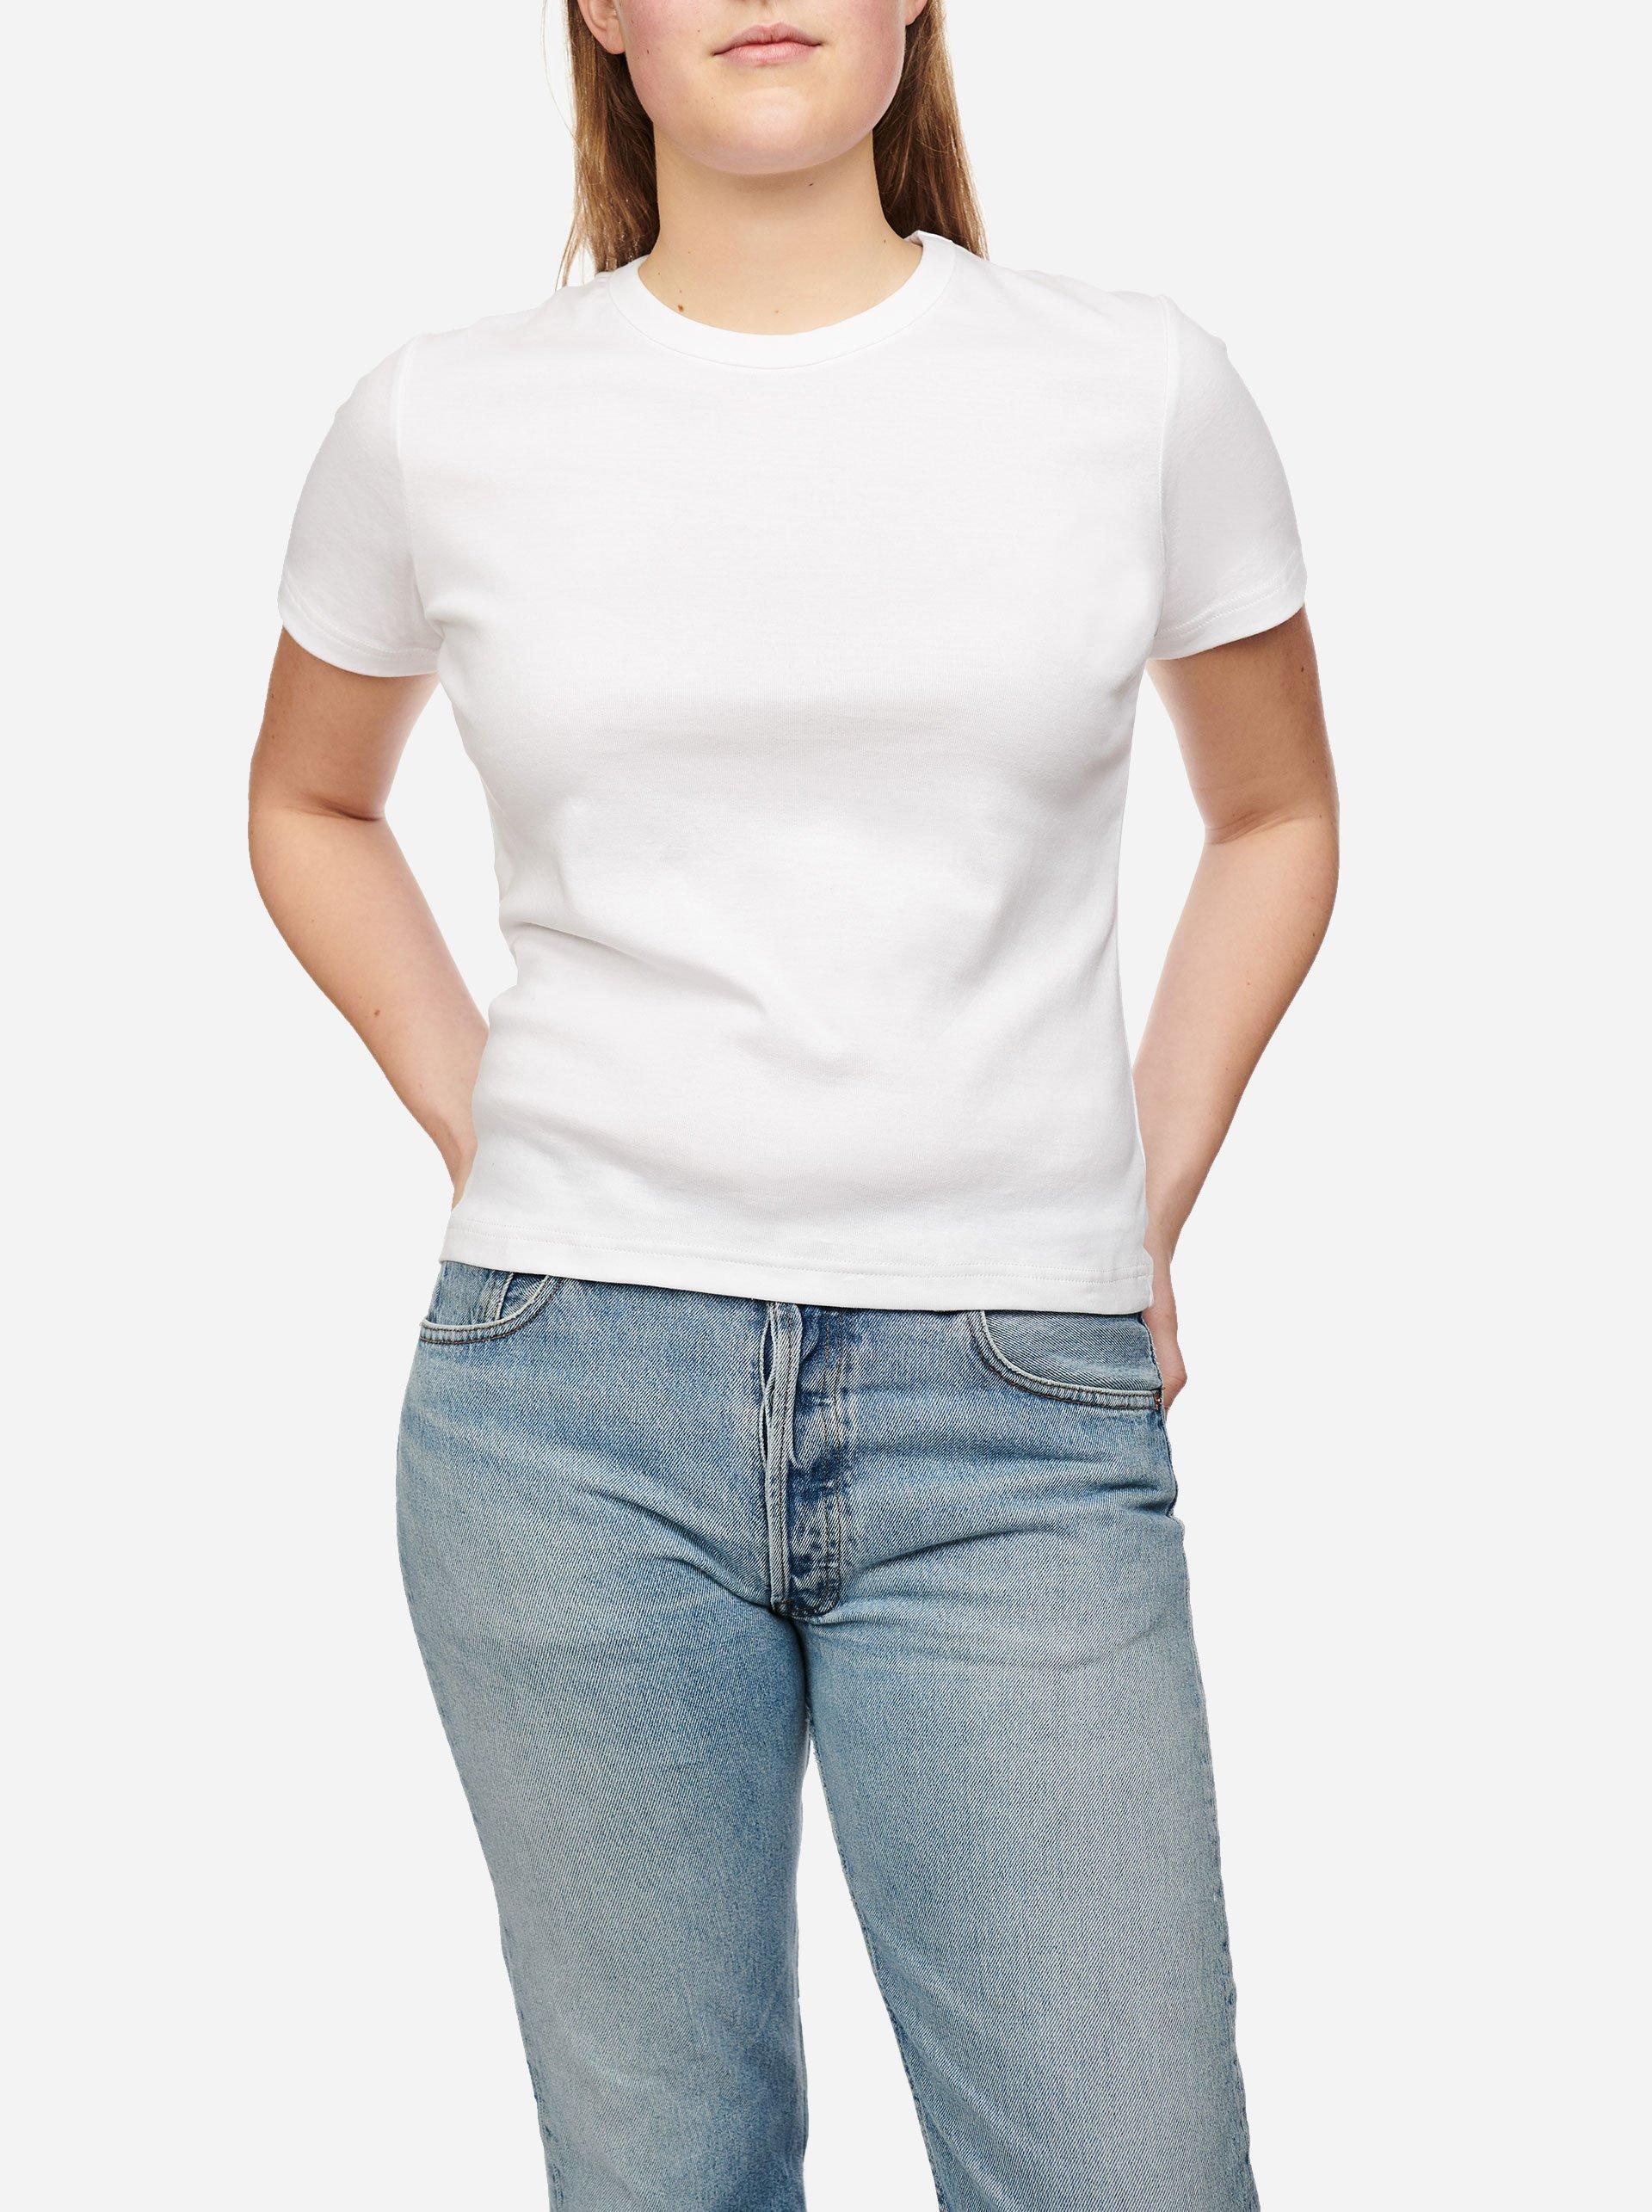 Teym_-_Size_Guide_-_T-shirt_-_Women_-_1